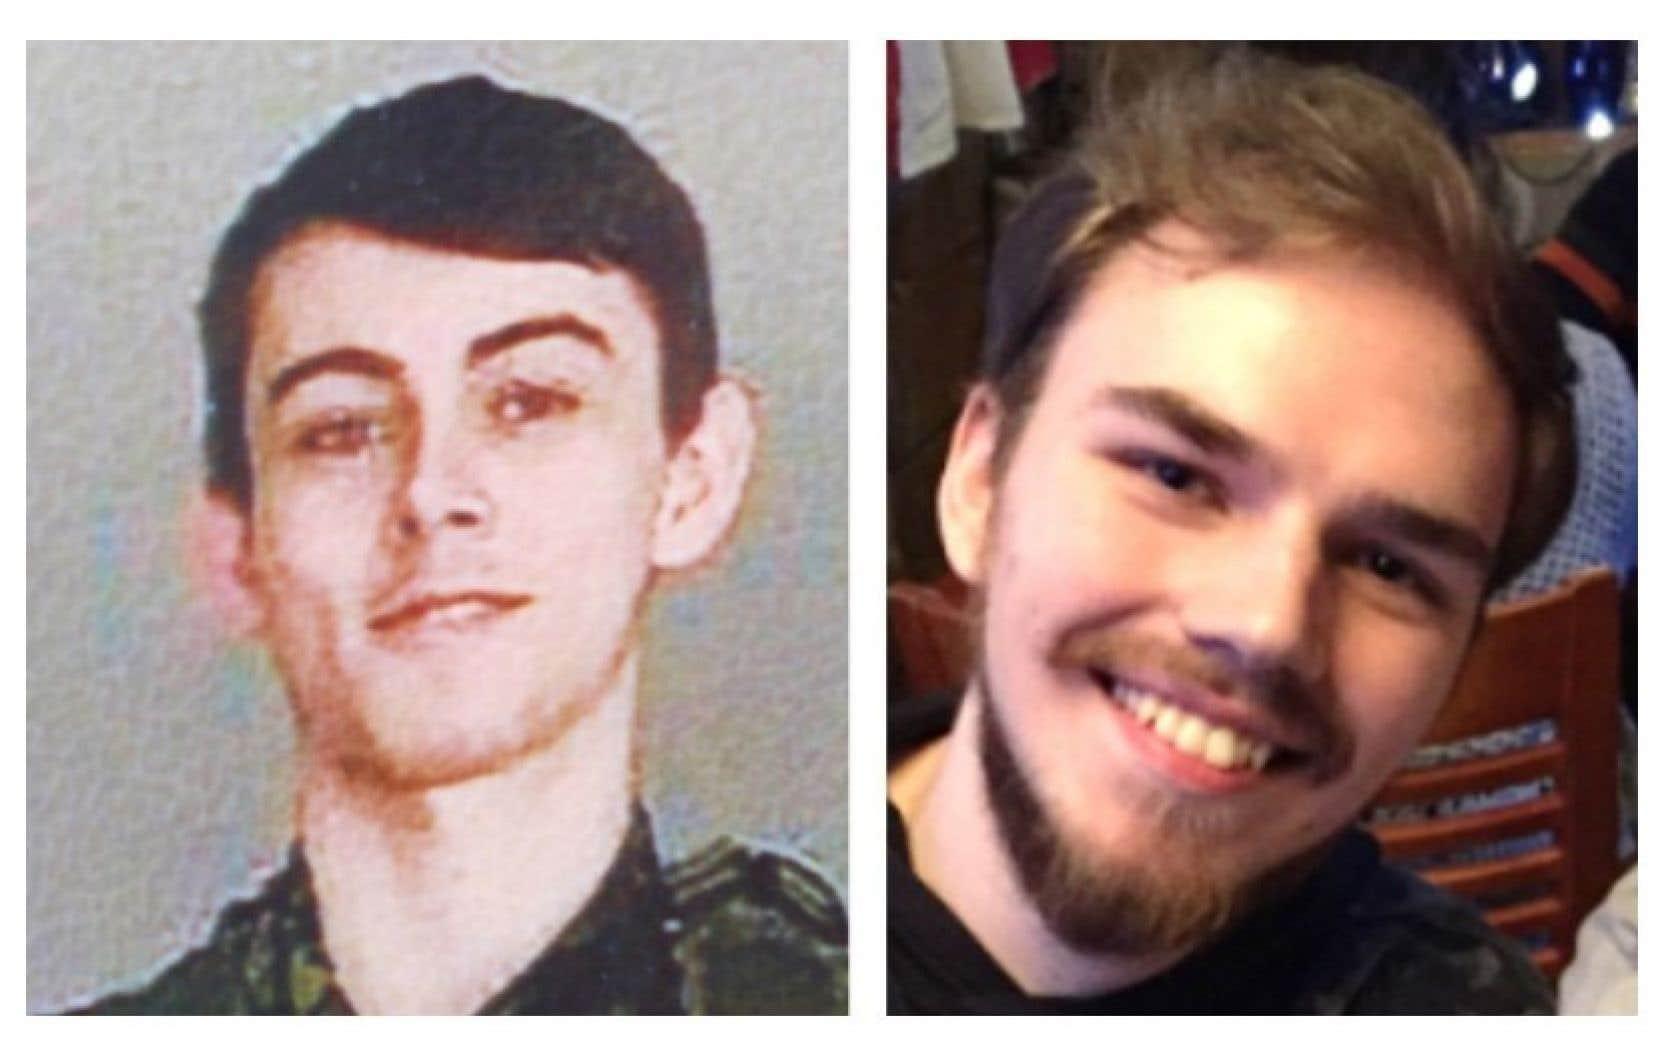 La police a indiqué mardi soir que MM. McLeod et Schmegelsky pourraient se trouver au Manitoba, où ils auraient été vus à Gillam, dans le nord de la province.